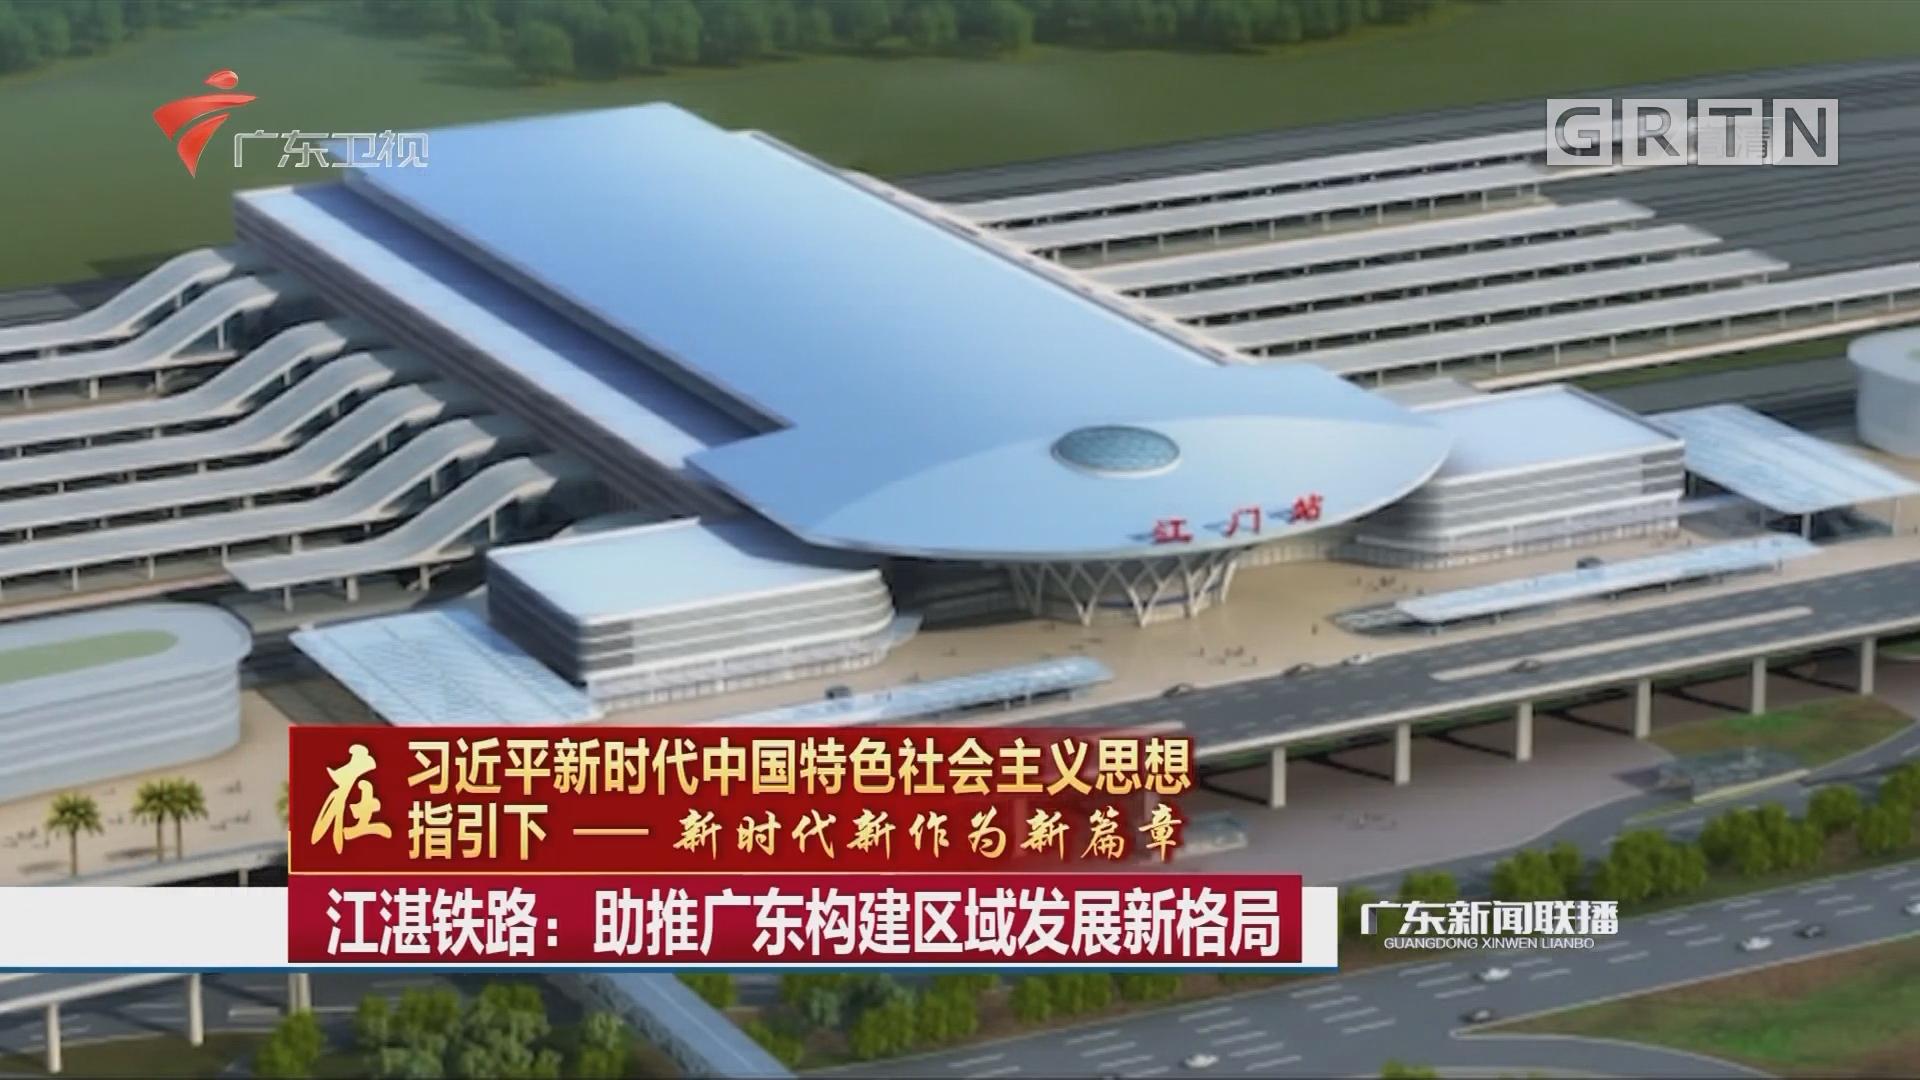 江湛铁路:助推广东构建区域发展新格局